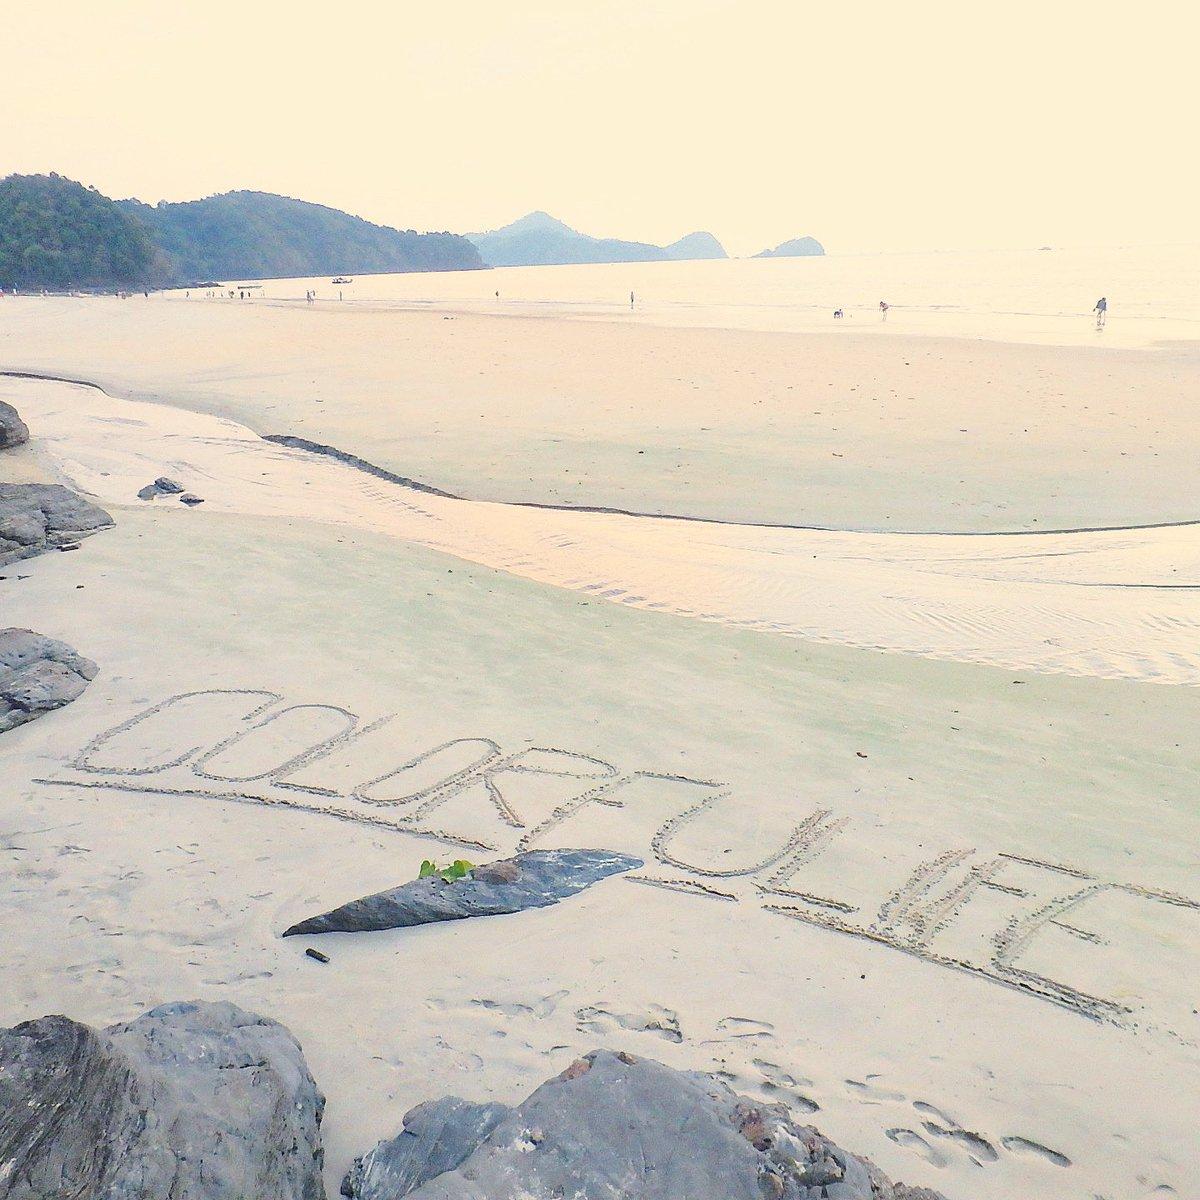 いつかの砂浜遊び🐋 7月もオンラインショップは営業しております。是非ご覧ください💛 #ビーチ #海 #beach #vacation #海外旅行